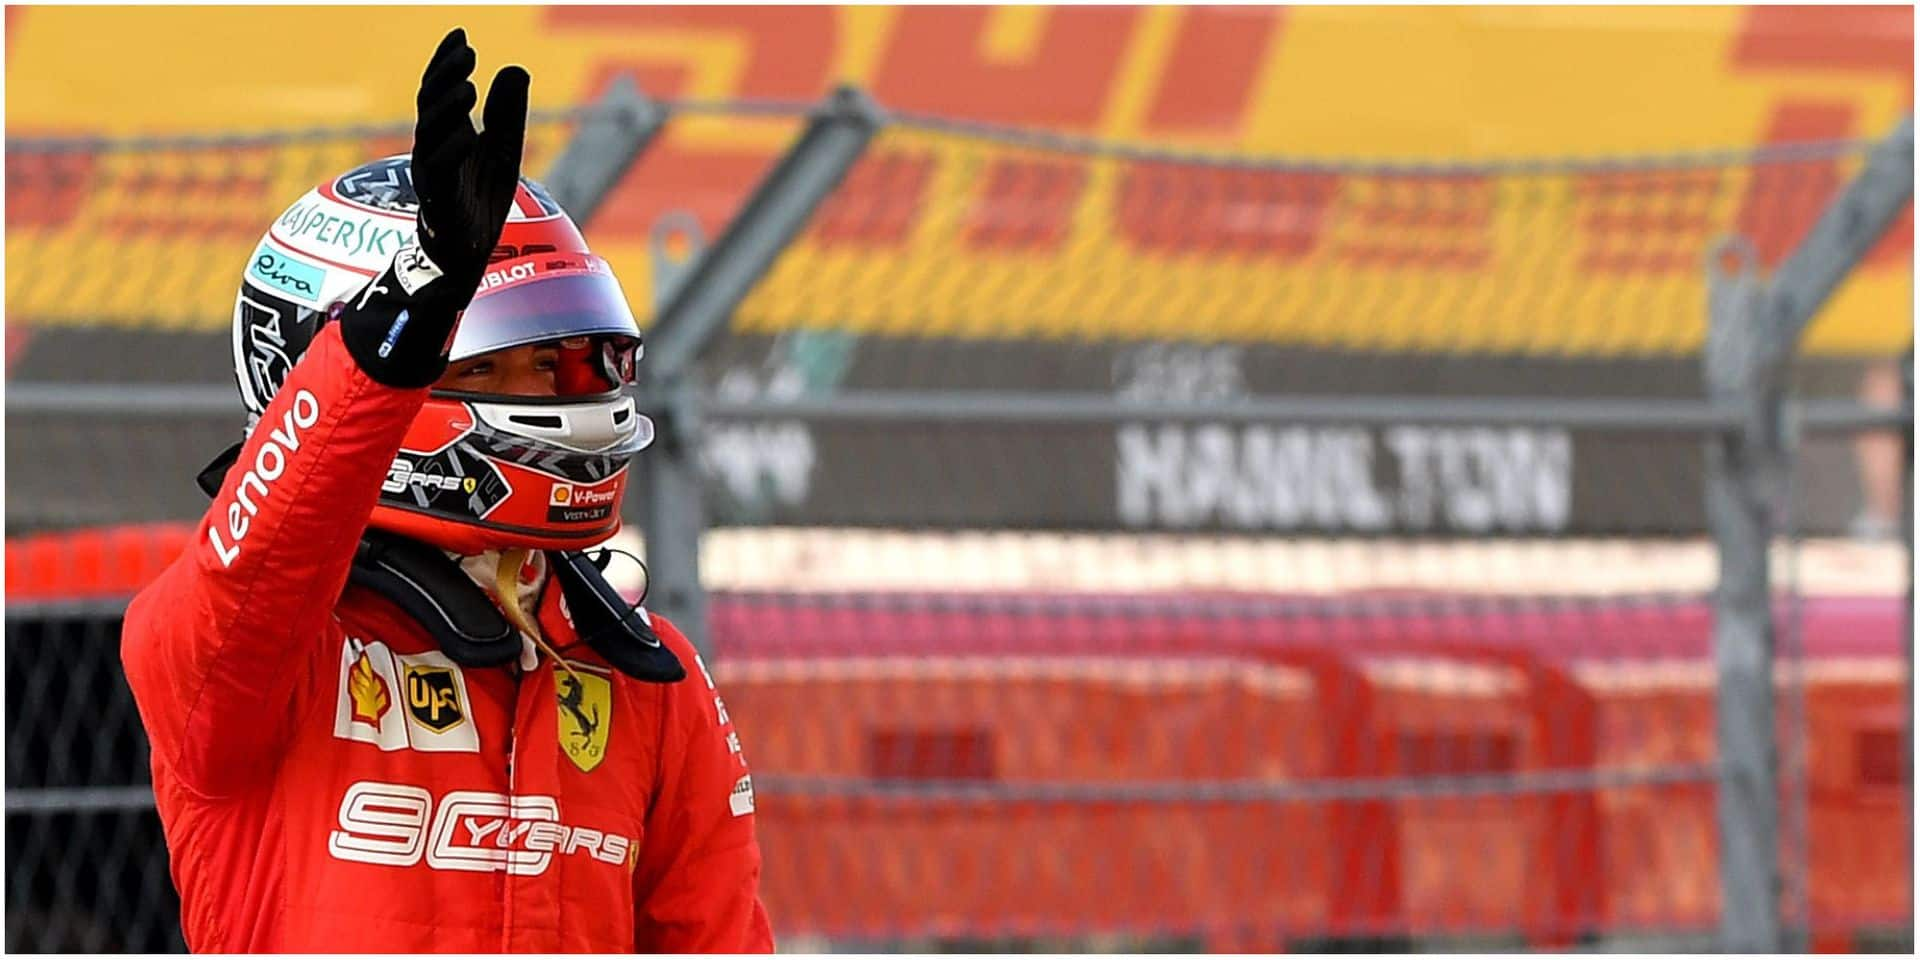 Le Monégasque Charles Leclerc signe sa 4e pole d'affilée au GP de Russie